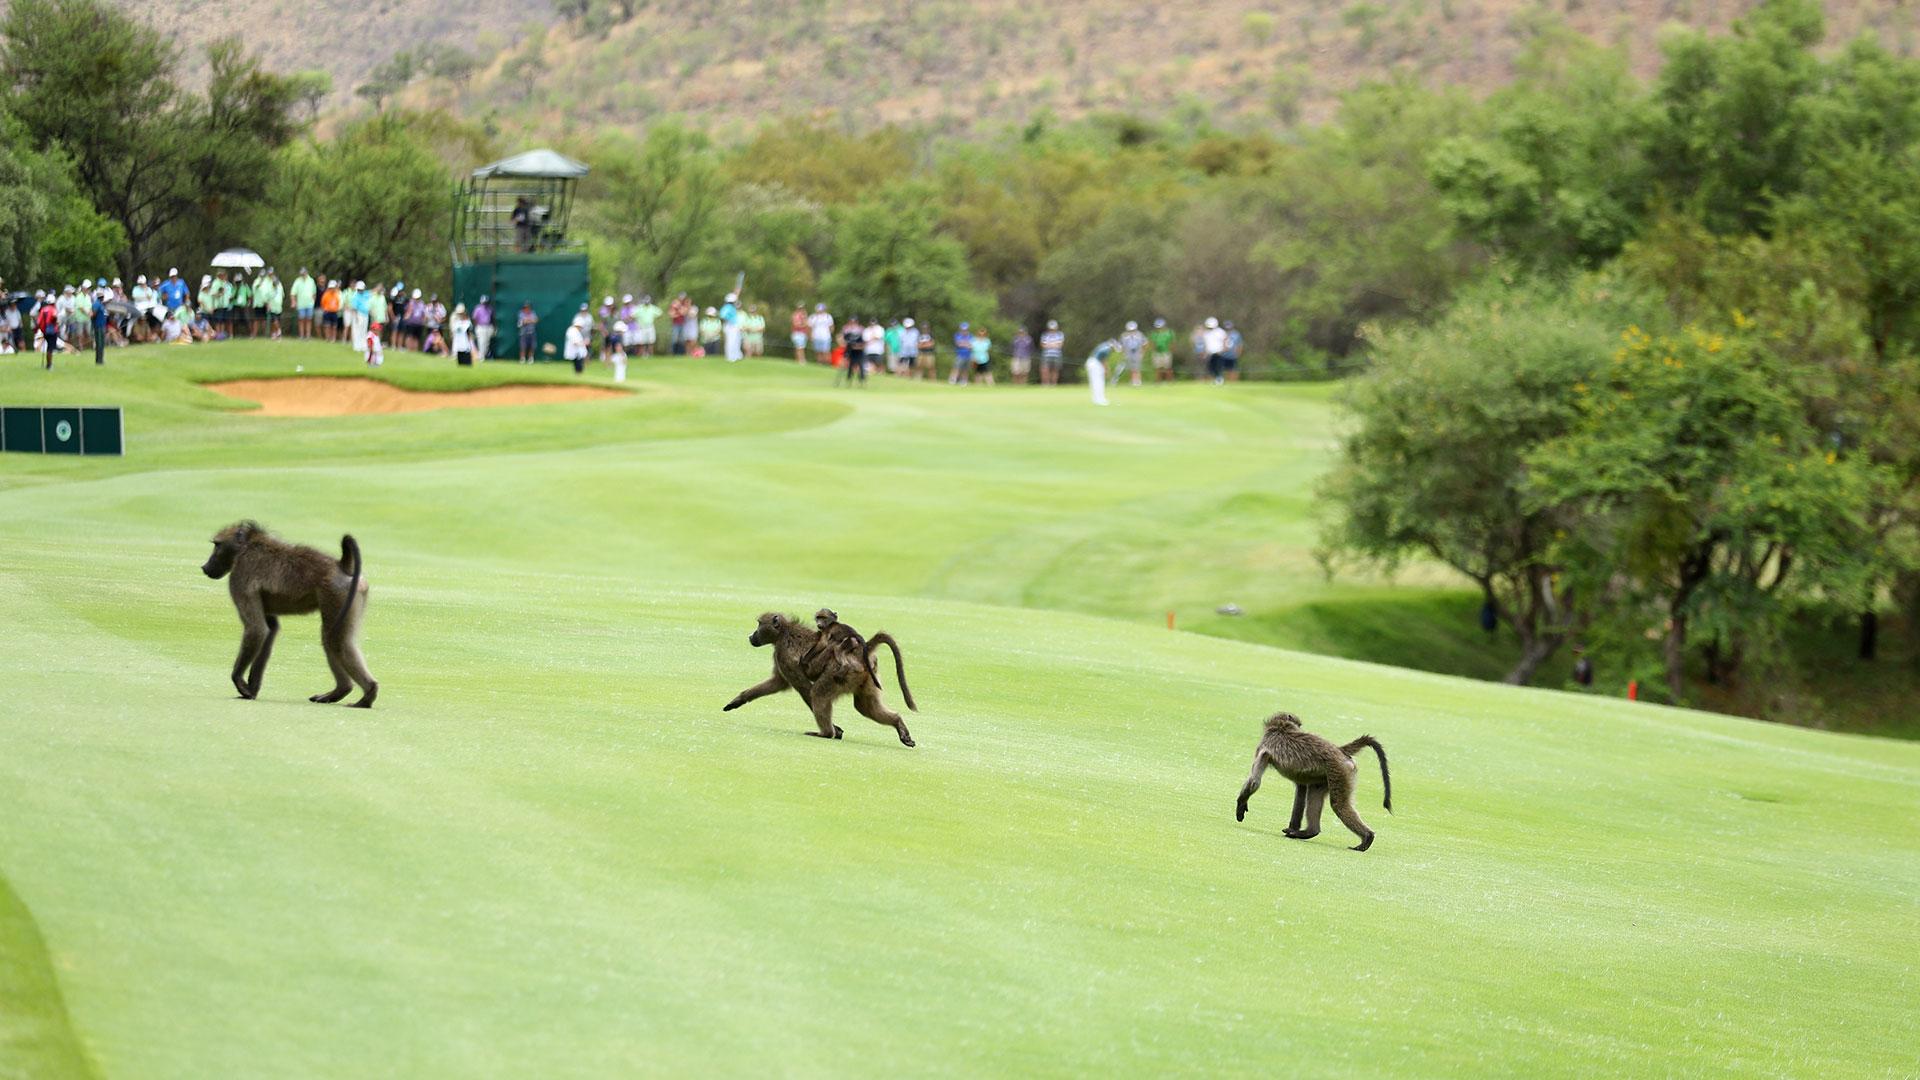 La seguridad del lugar no interfiere con los animales, pero sí detiene la competencia hasta que estos se retiren